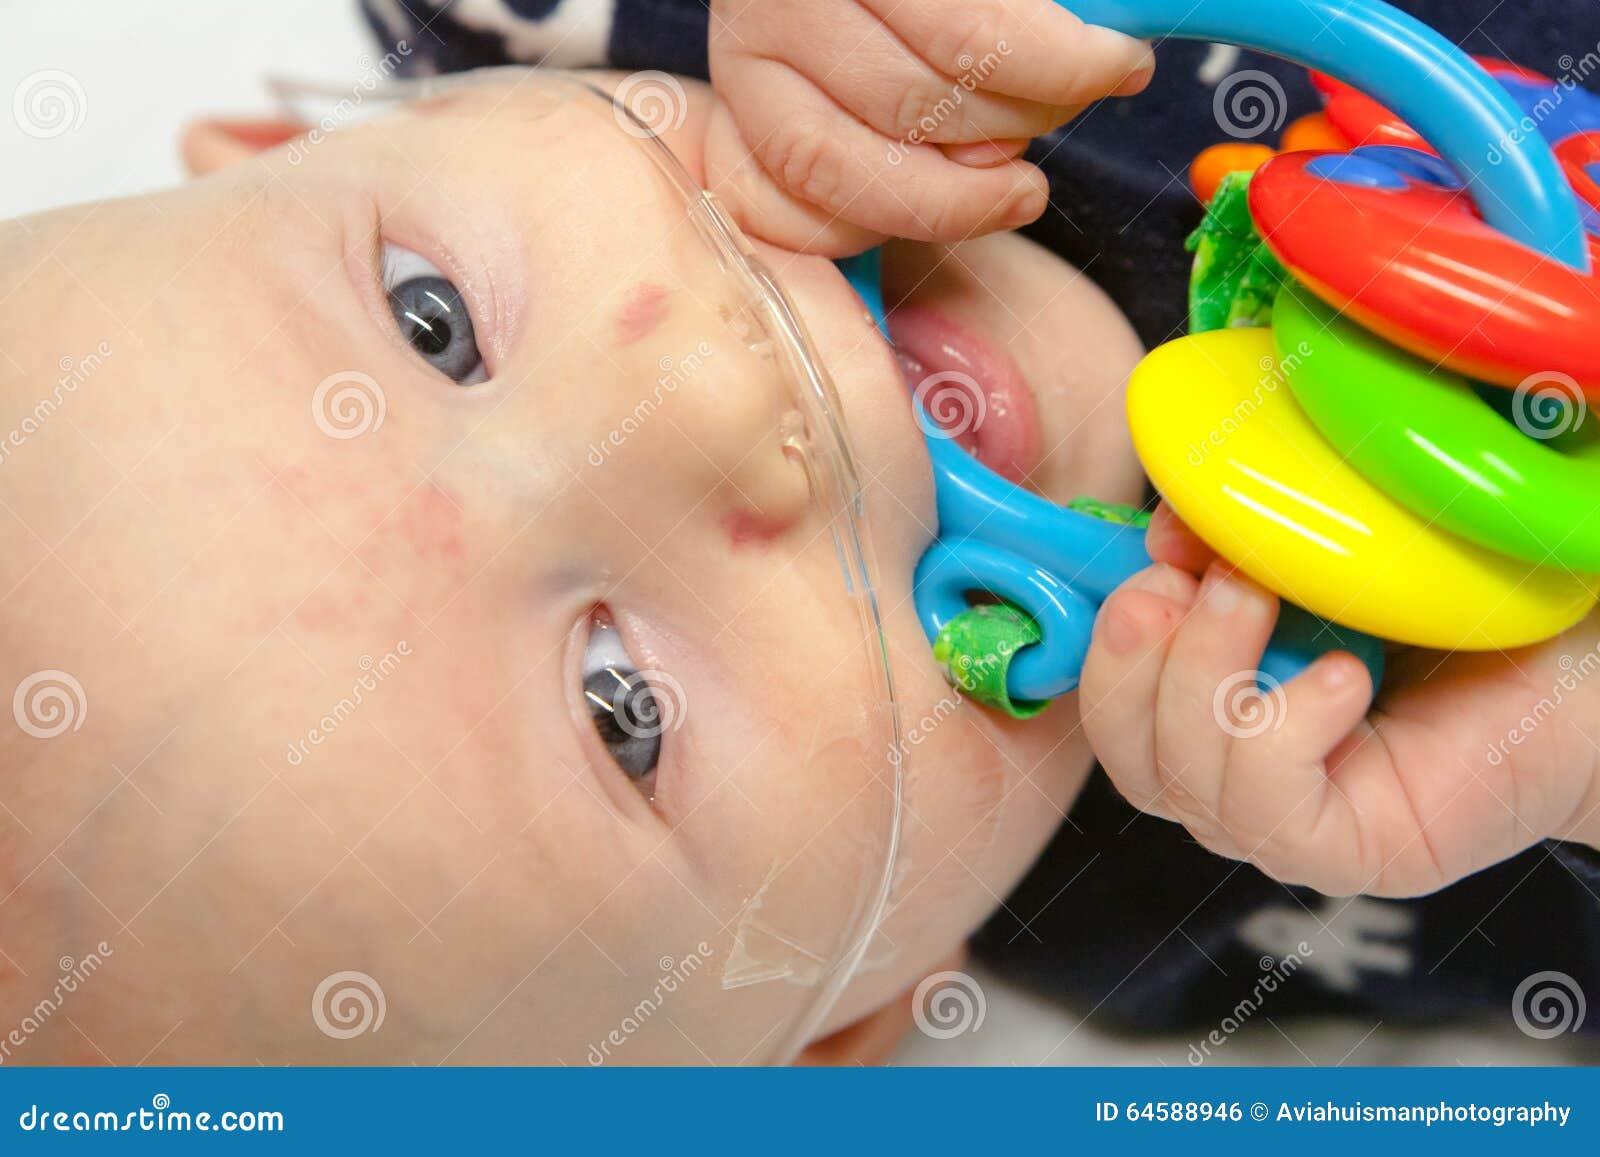 O hospital de crianças: Bebê com tubo de respiração